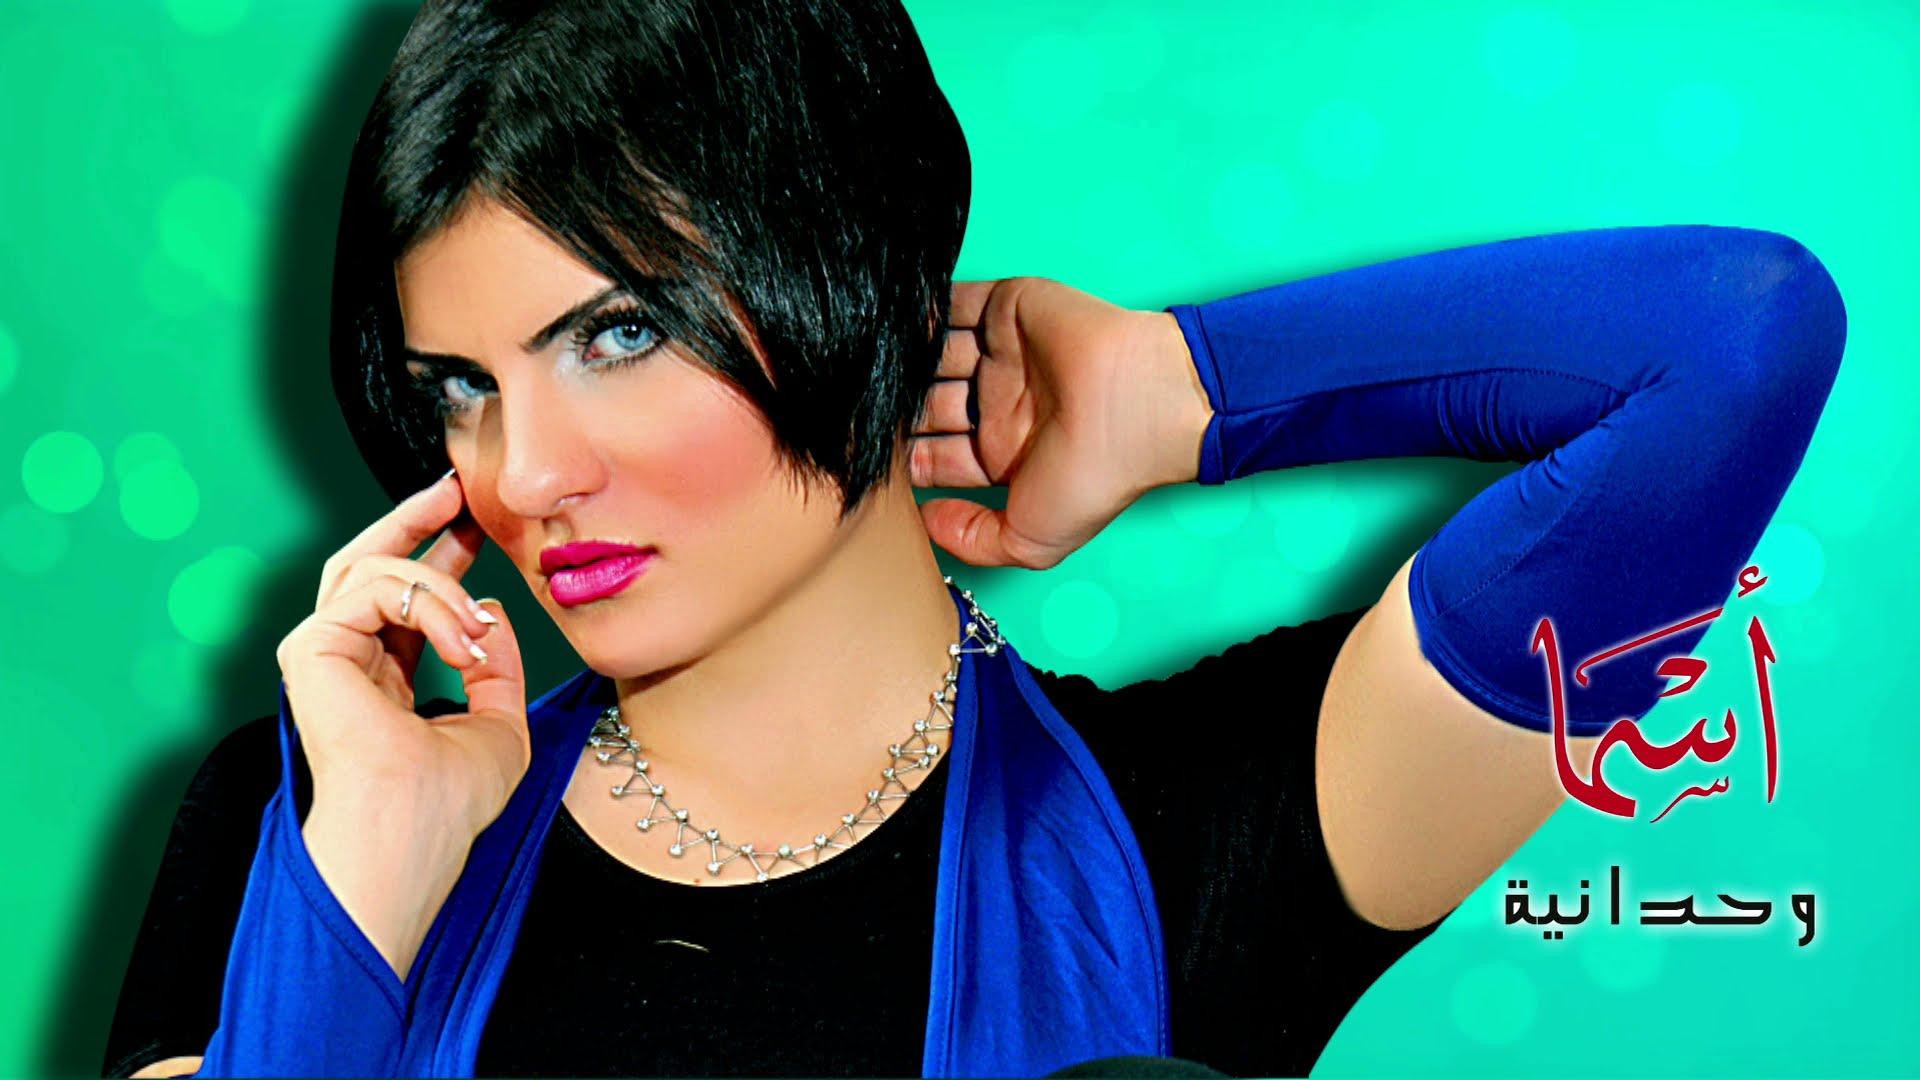 كلمات اغنية وحدانيه اسما رفاعى 2015 كاملة مكتوبة